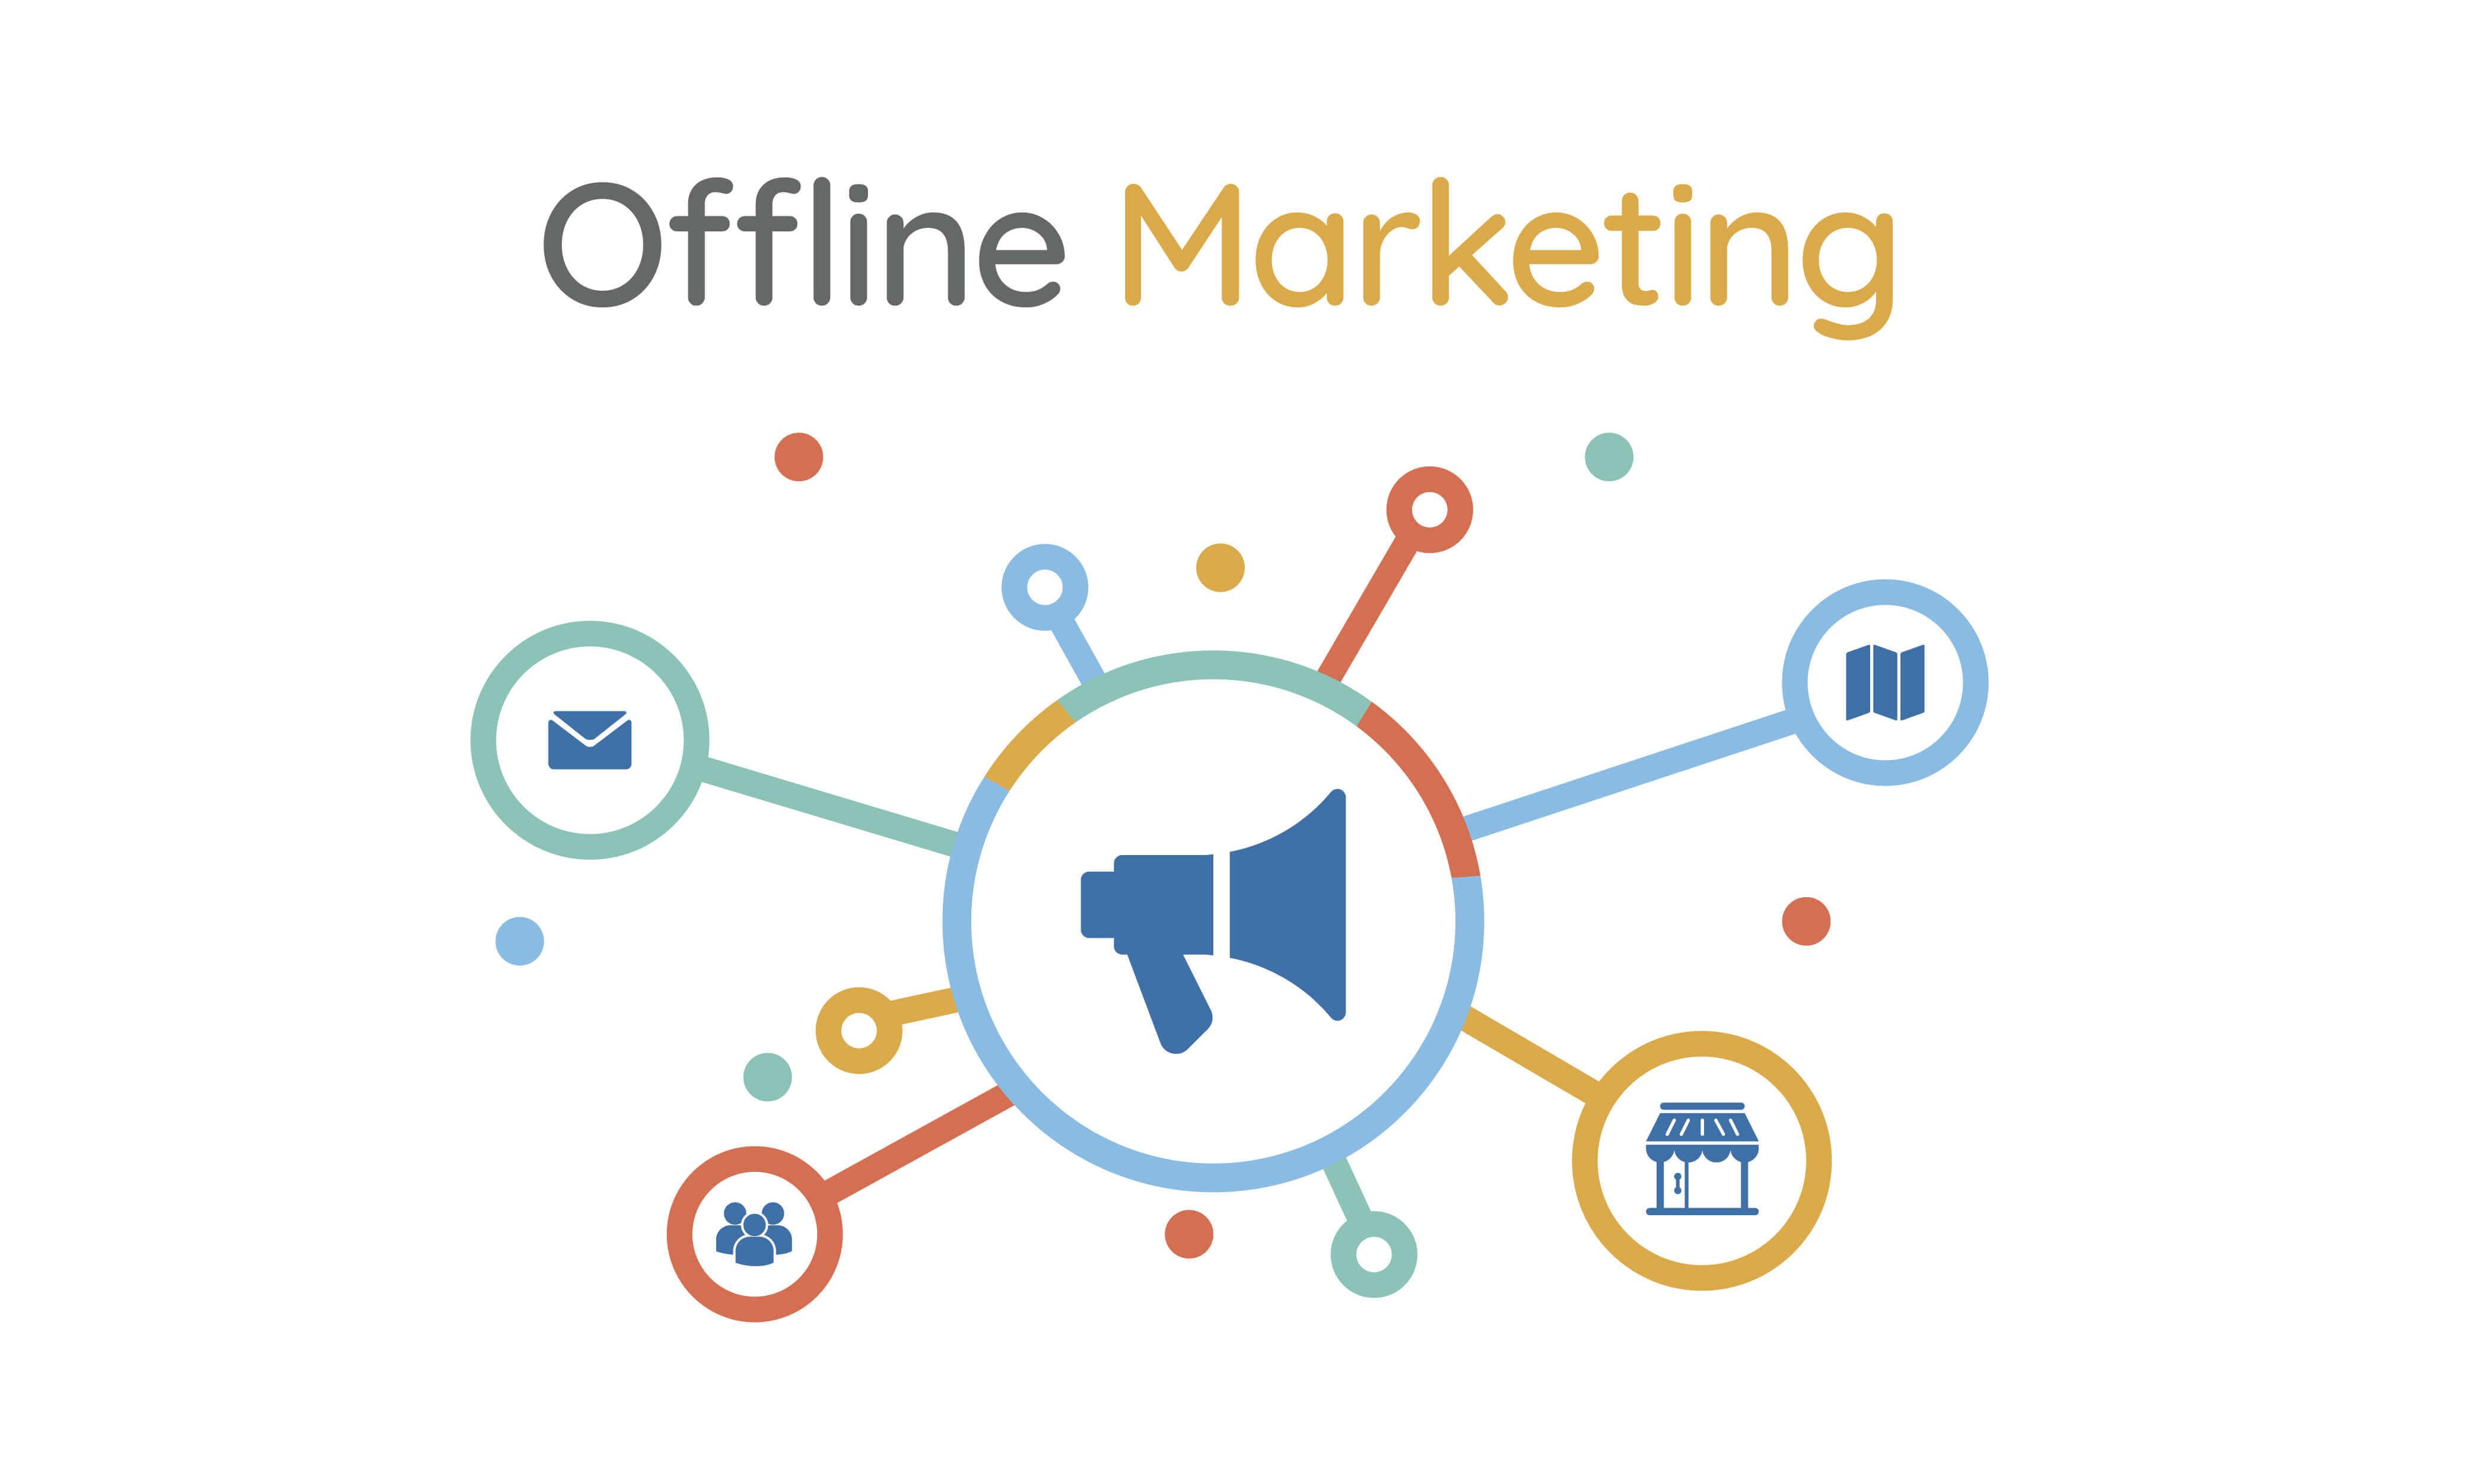 Tony dzung các hình thức marketing offline